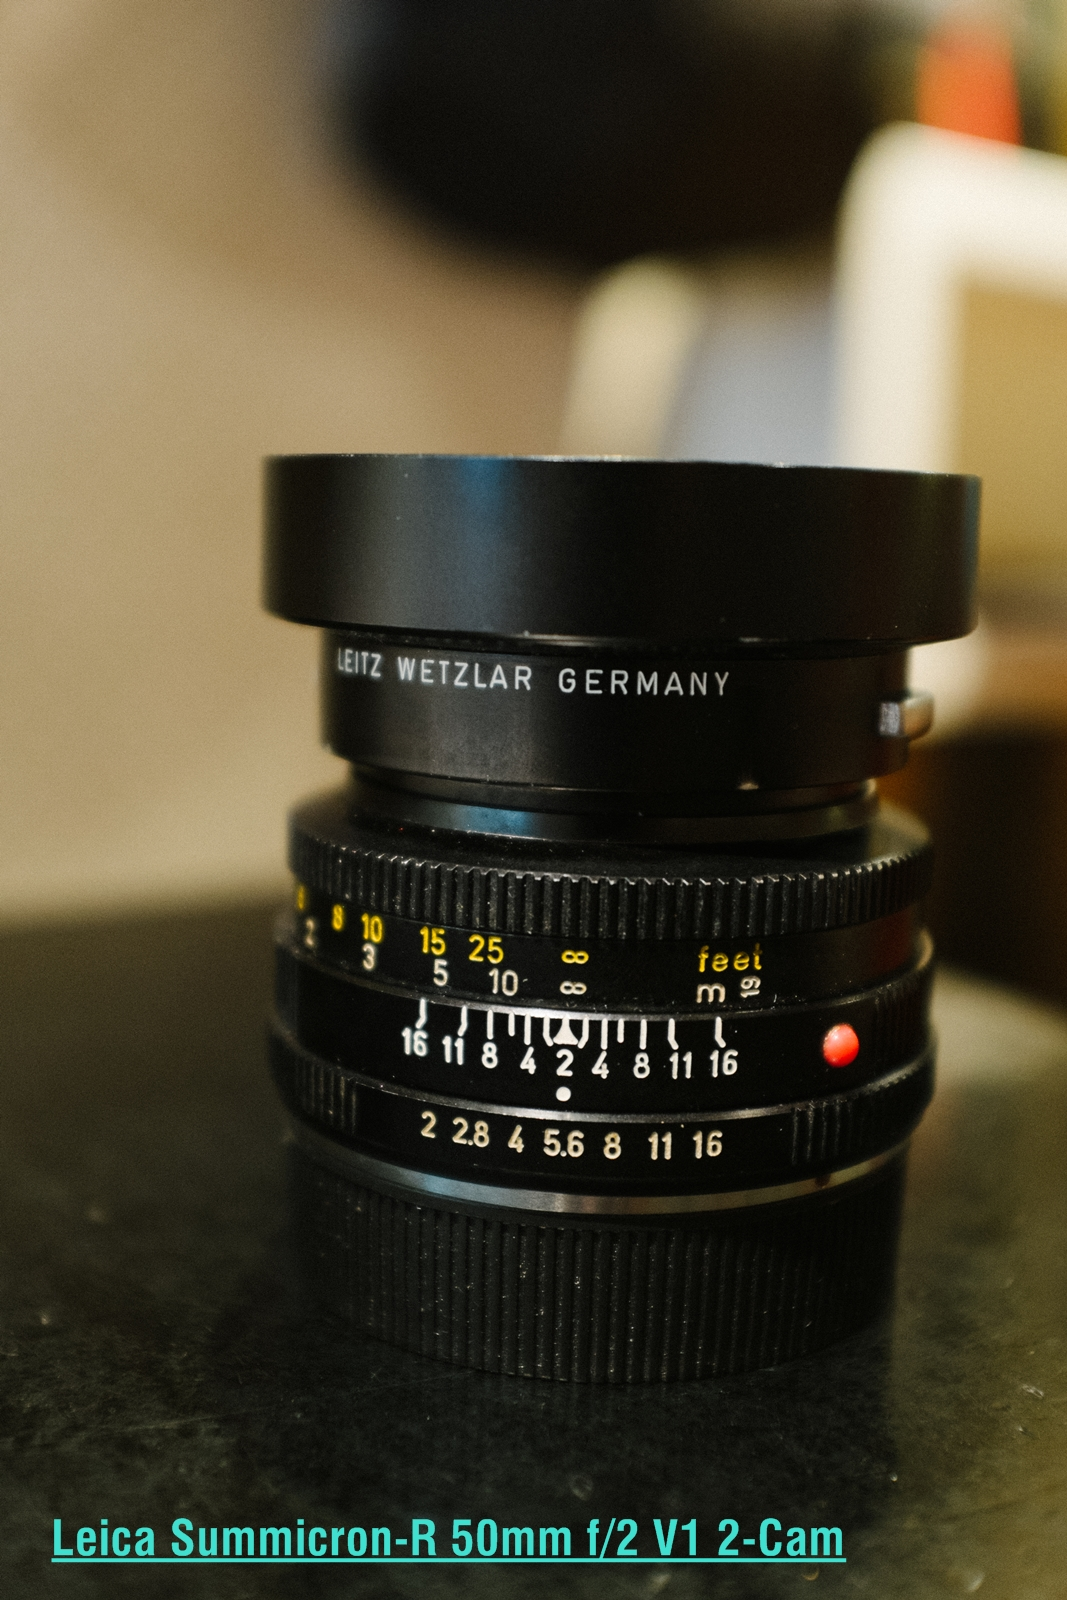 Leica Summicron-R 50mm f/2 V1 2-Cam